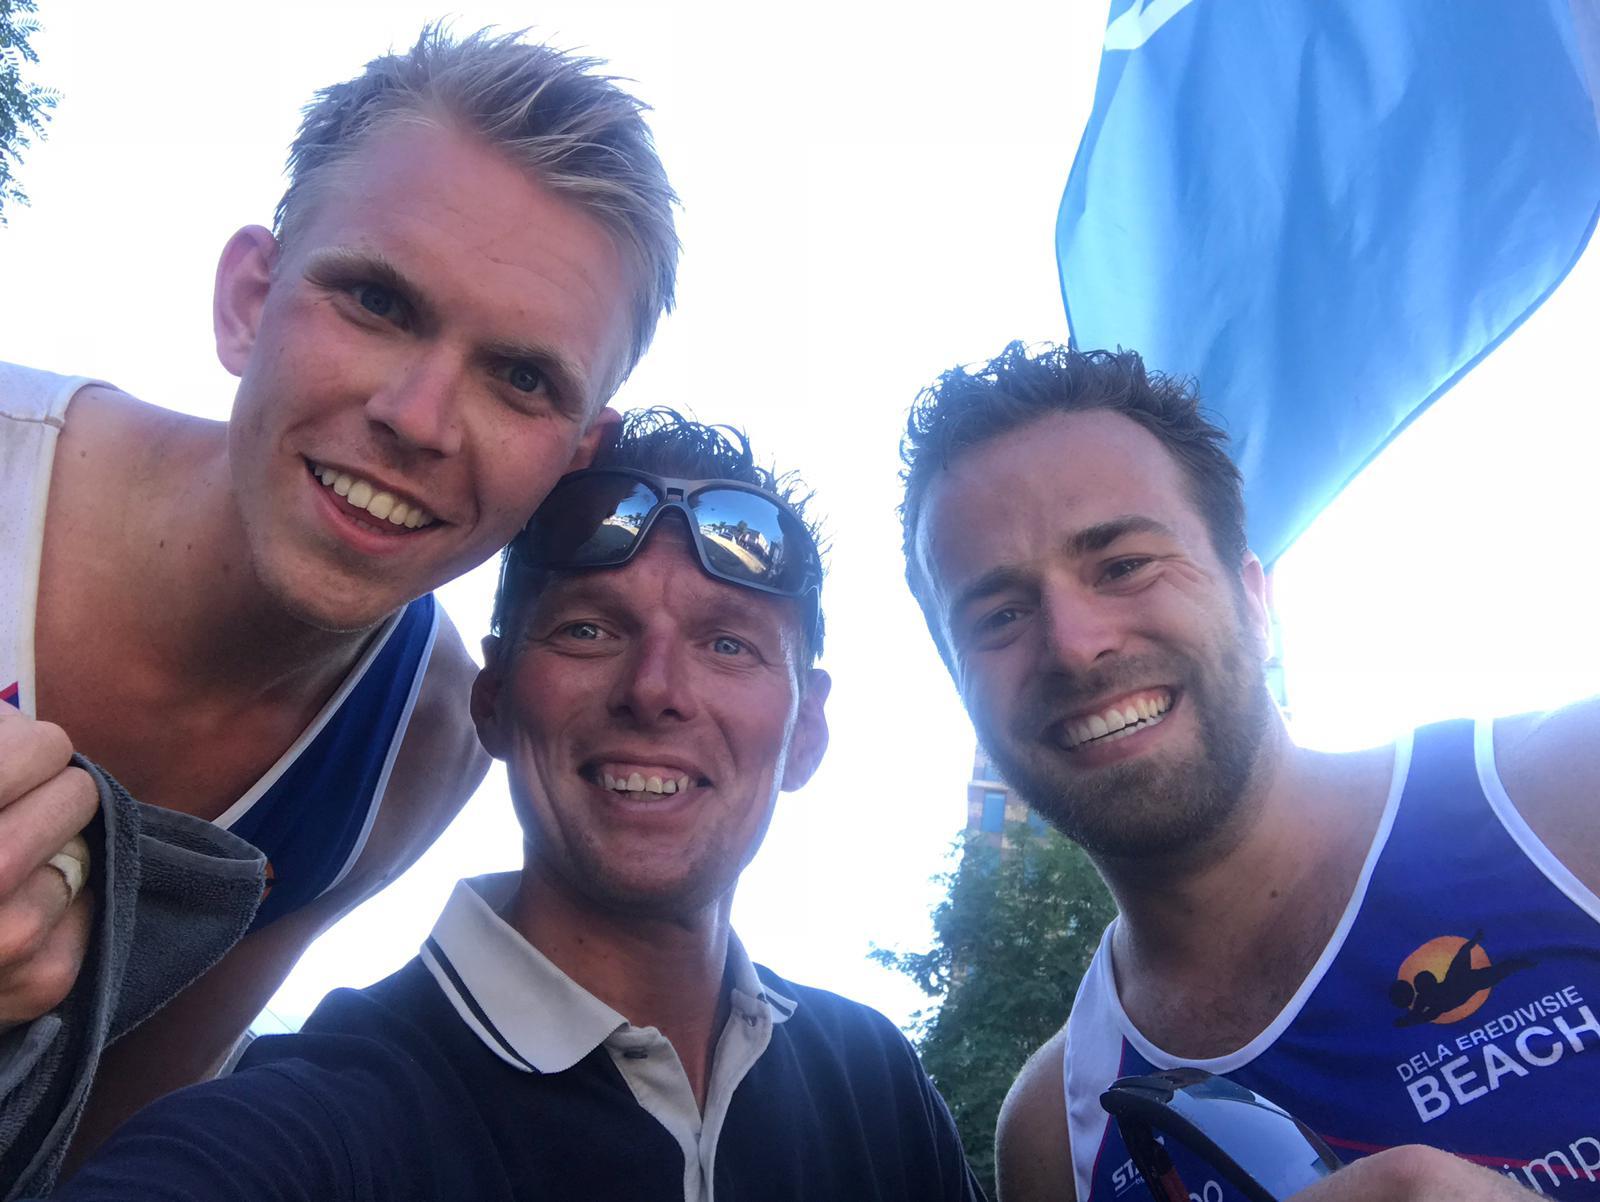 Podiumplaatsen voor de dames van de DELA Eredivisie Beach tour met wethouder Gerard Slegers. (Foto: Sportworx)  rodi.nl © rodi